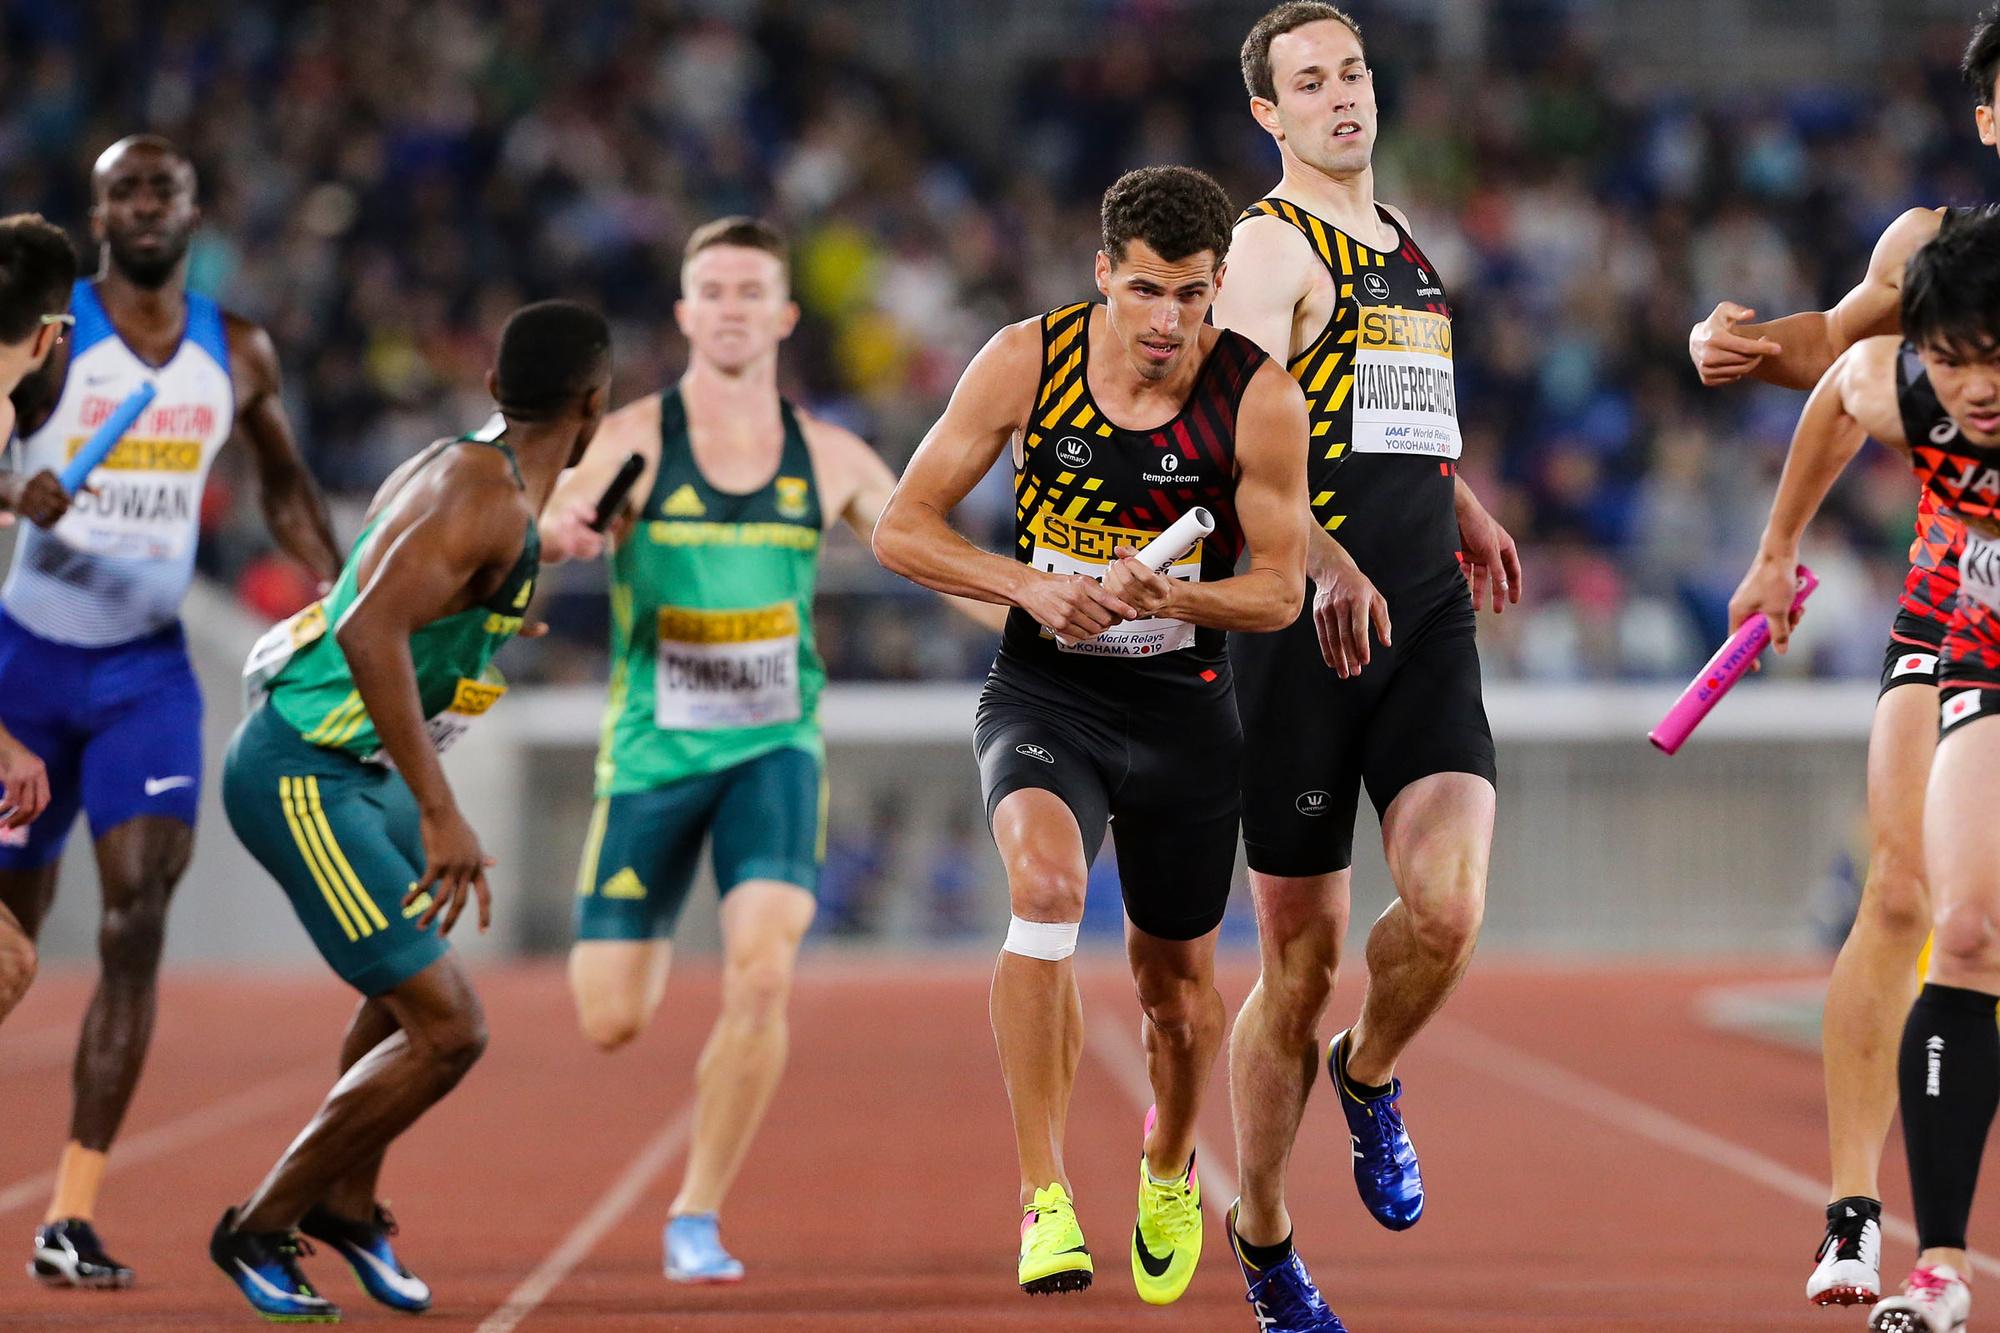 Jonathan Borlée is samen met zijn broer Kevin onversneden klasse op de 400 m, Belga Image